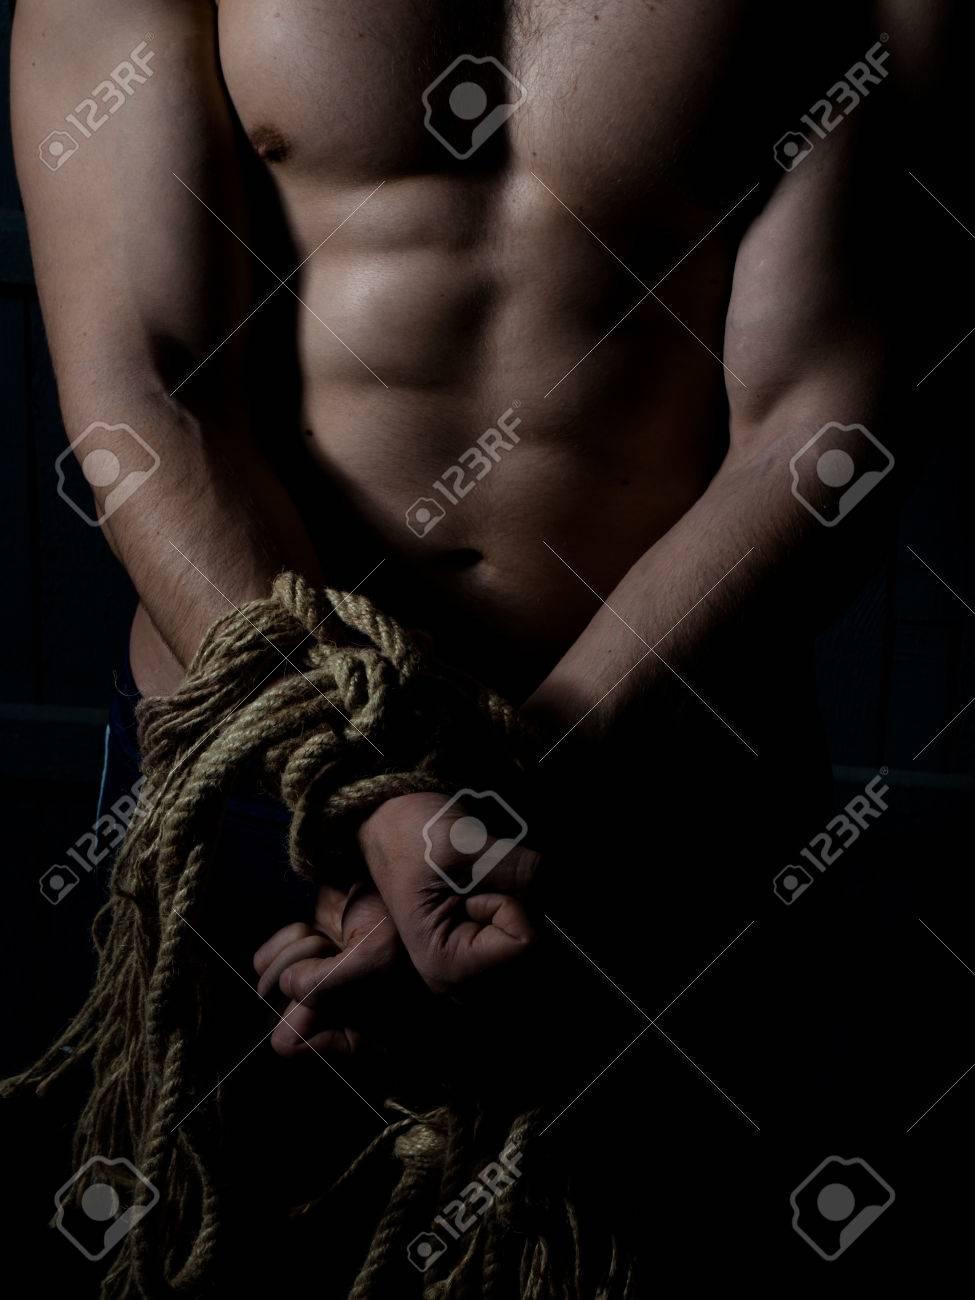 Nackt gefesselt mann Gefesselt: 34,574